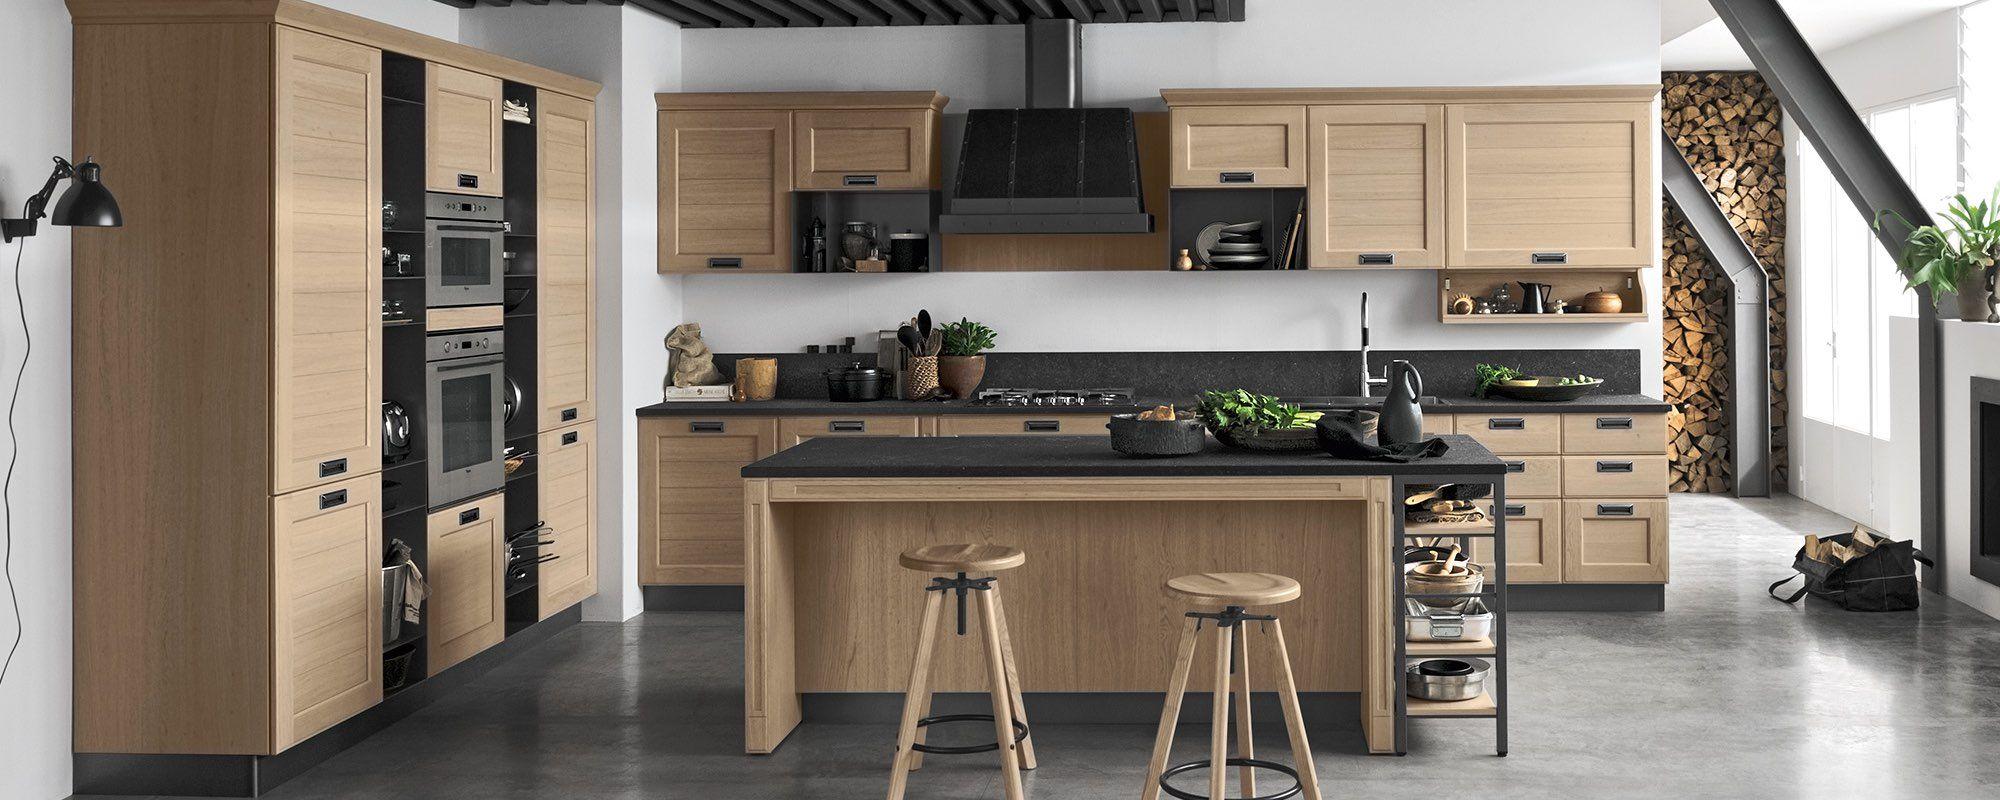 cucine moderne contemporanee stosa - modello cucina york 03 ...